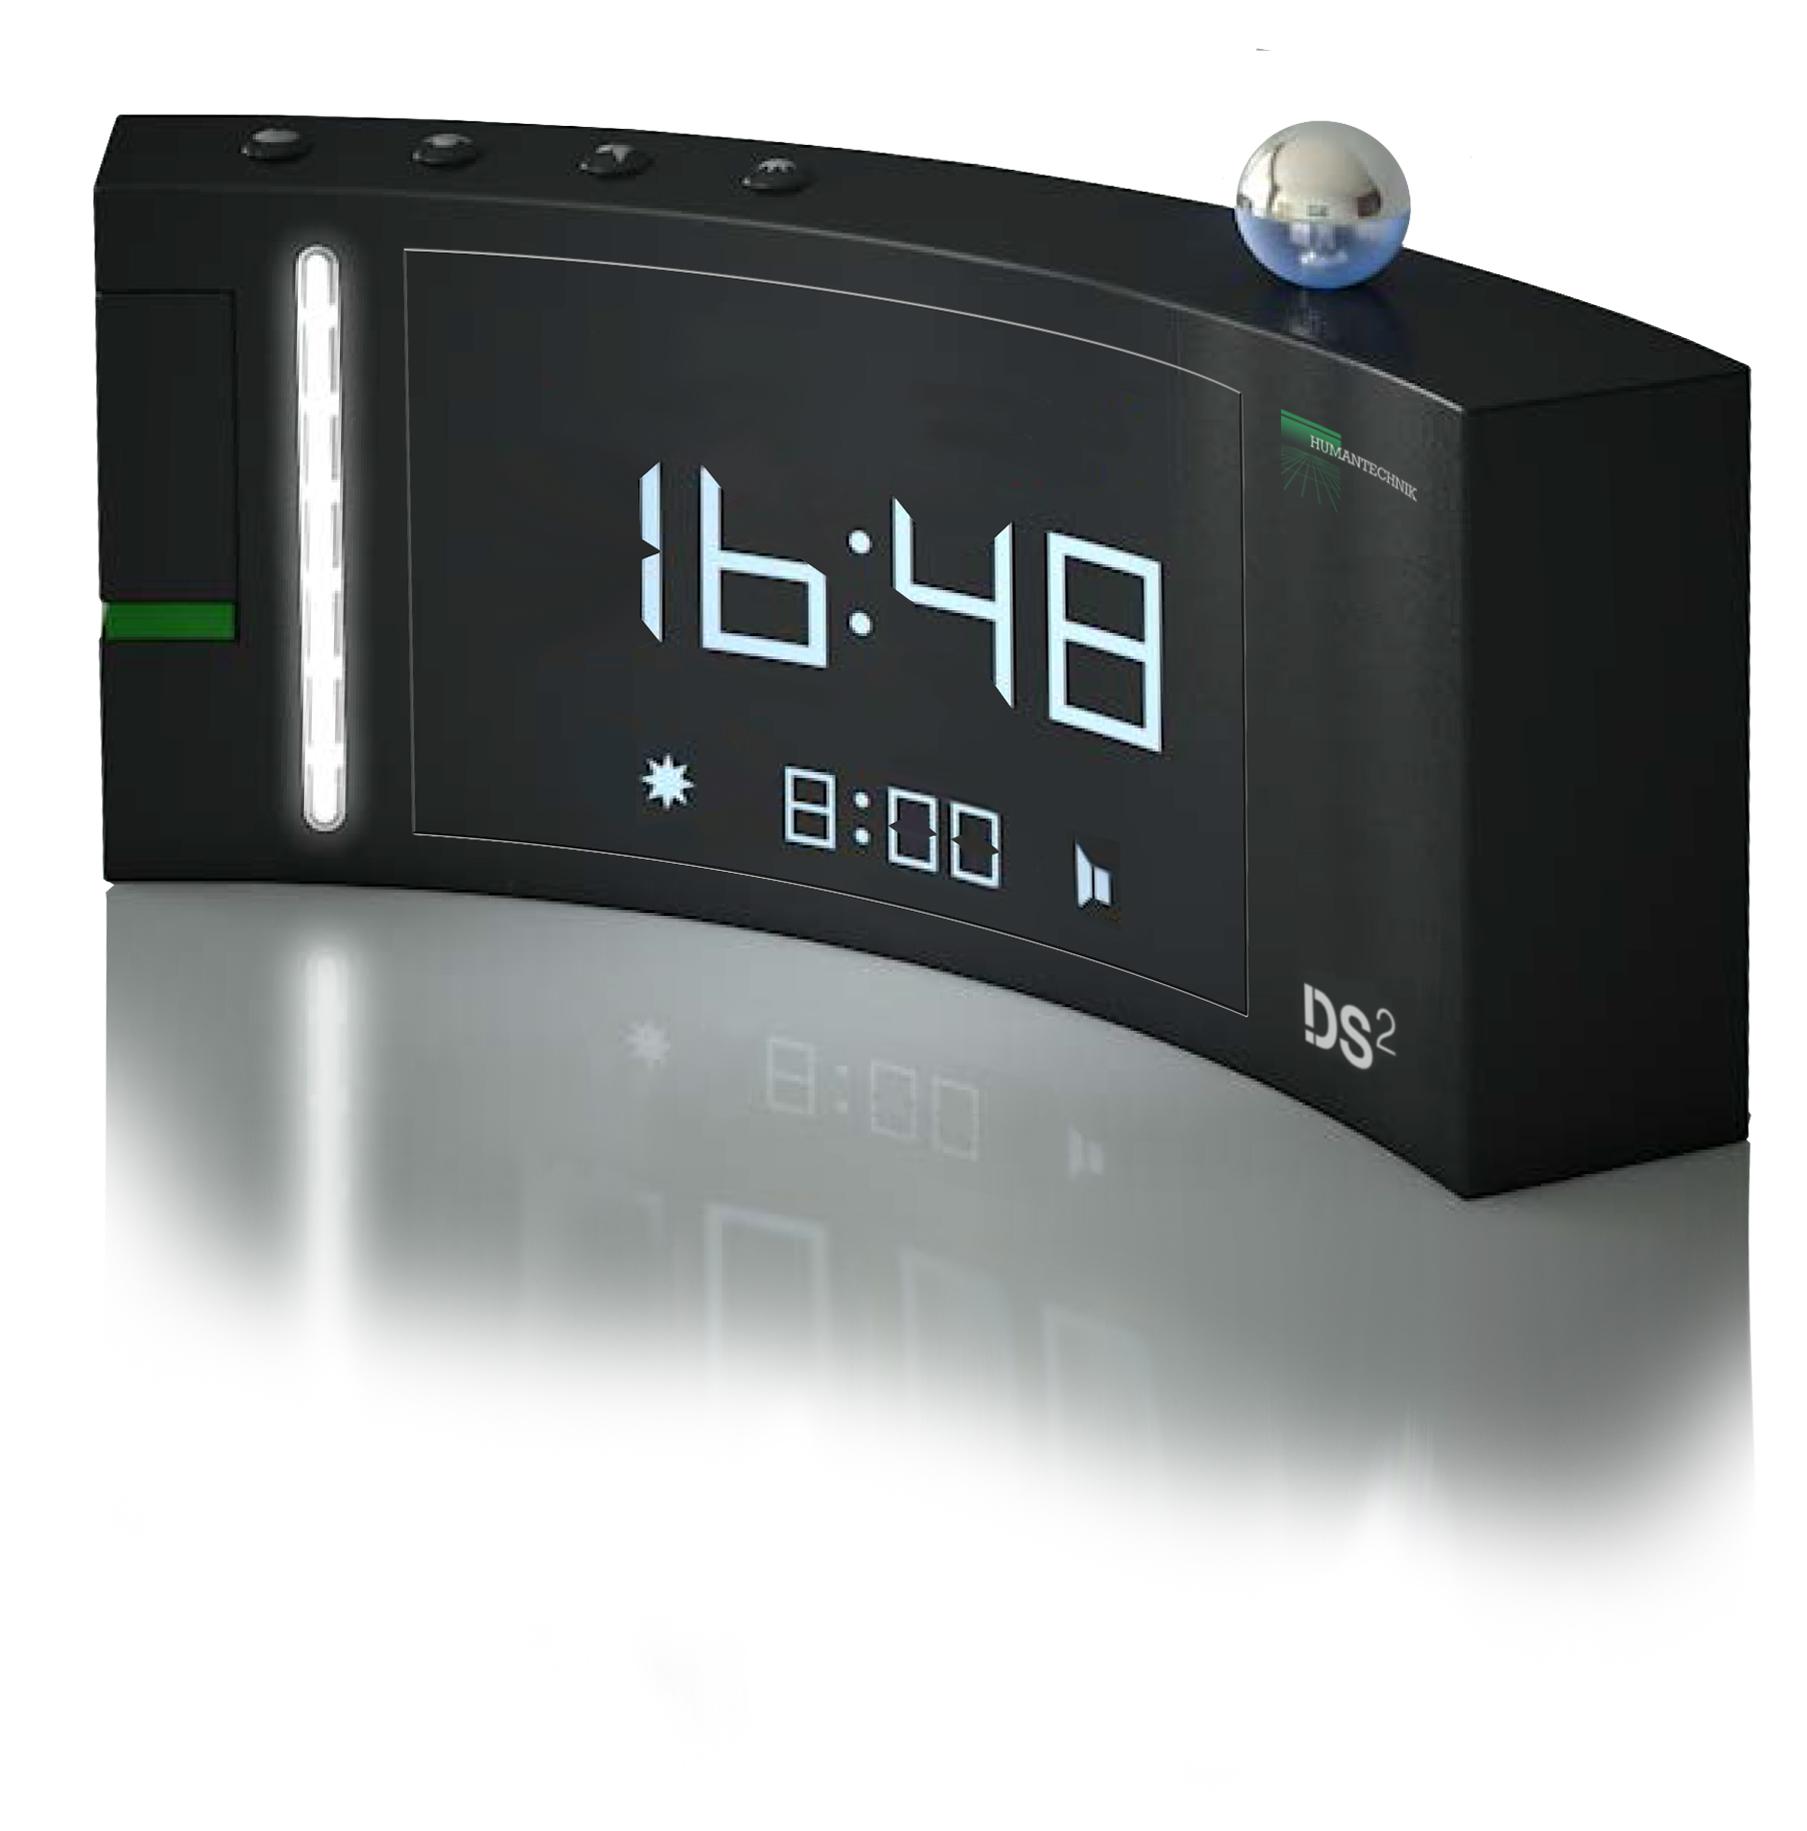 digital wecker ds 2 a 3114. Black Bedroom Furniture Sets. Home Design Ideas